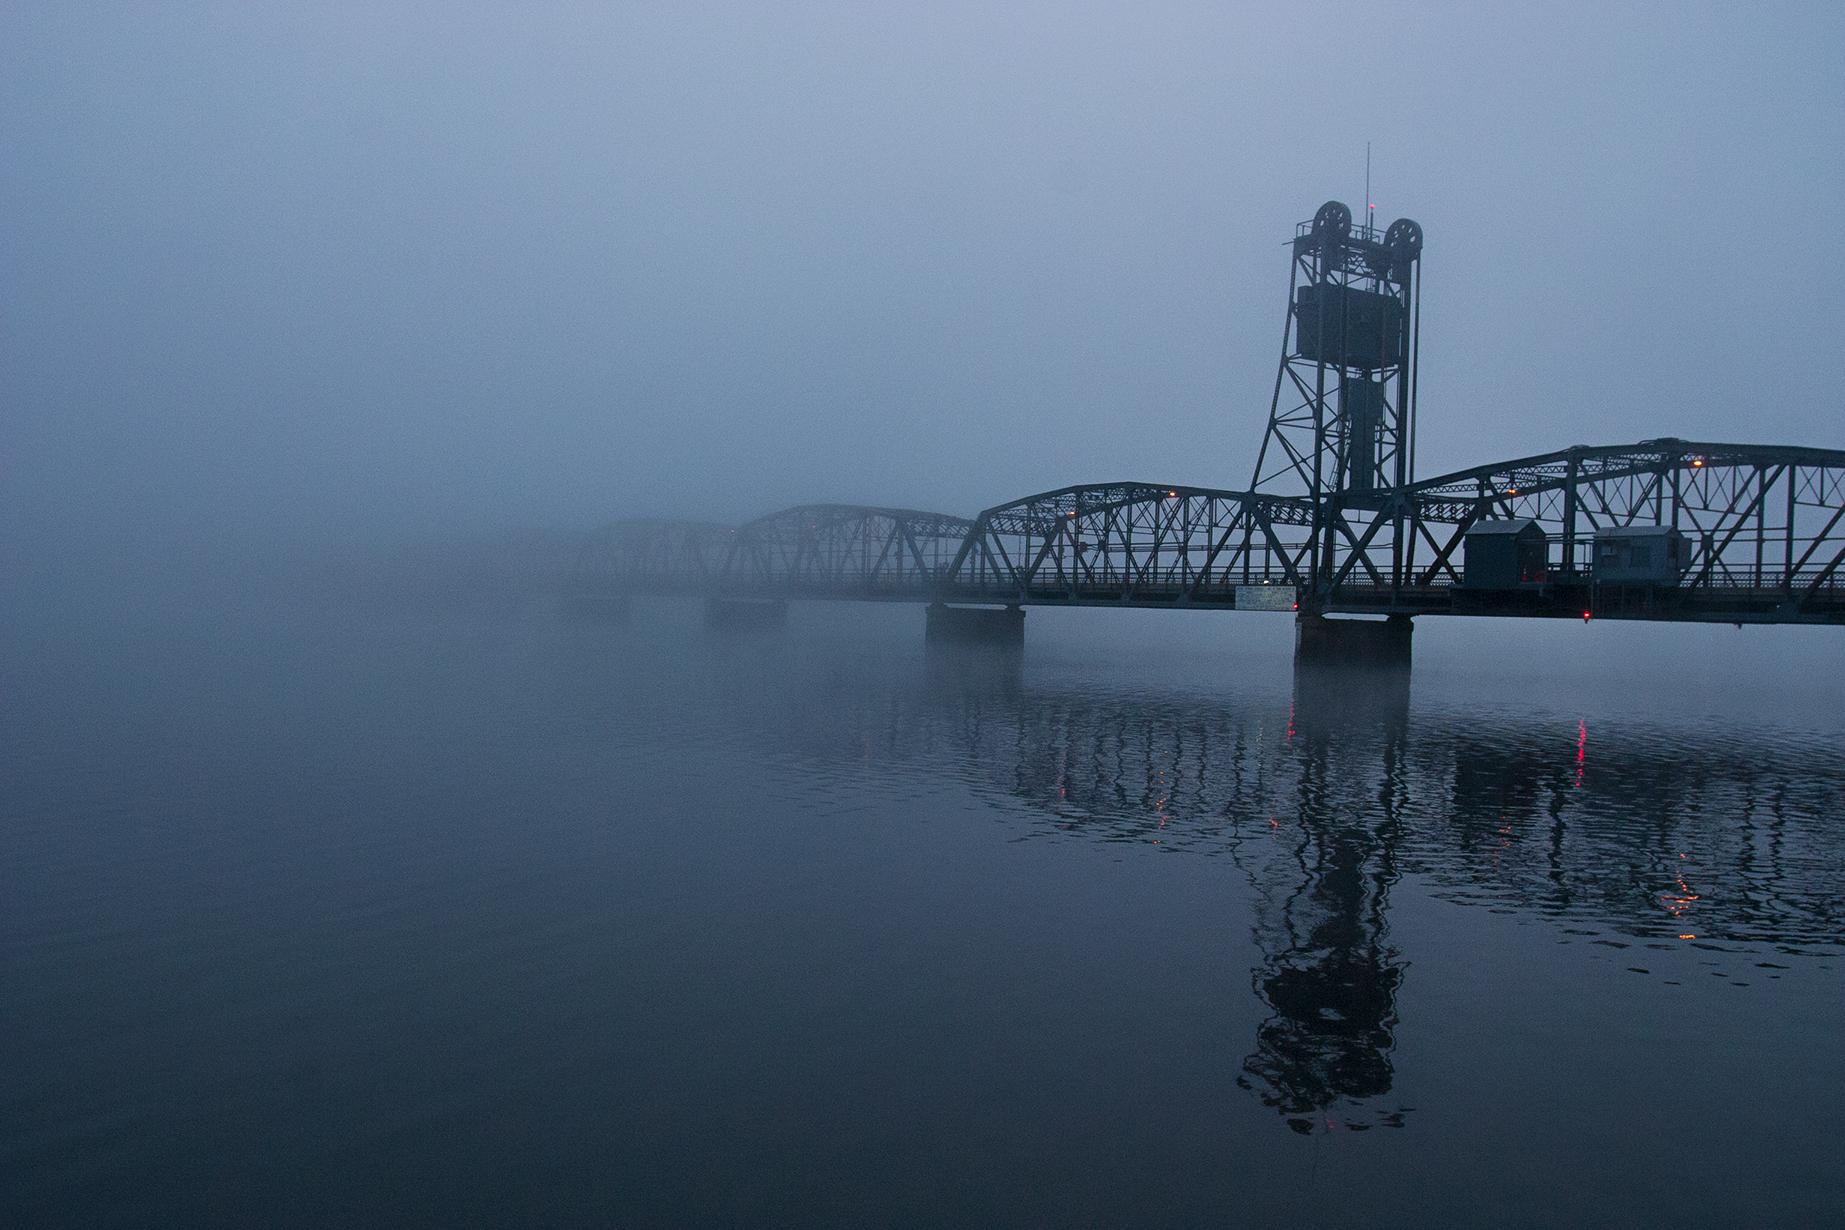 foggy bridge_4x6.jpg